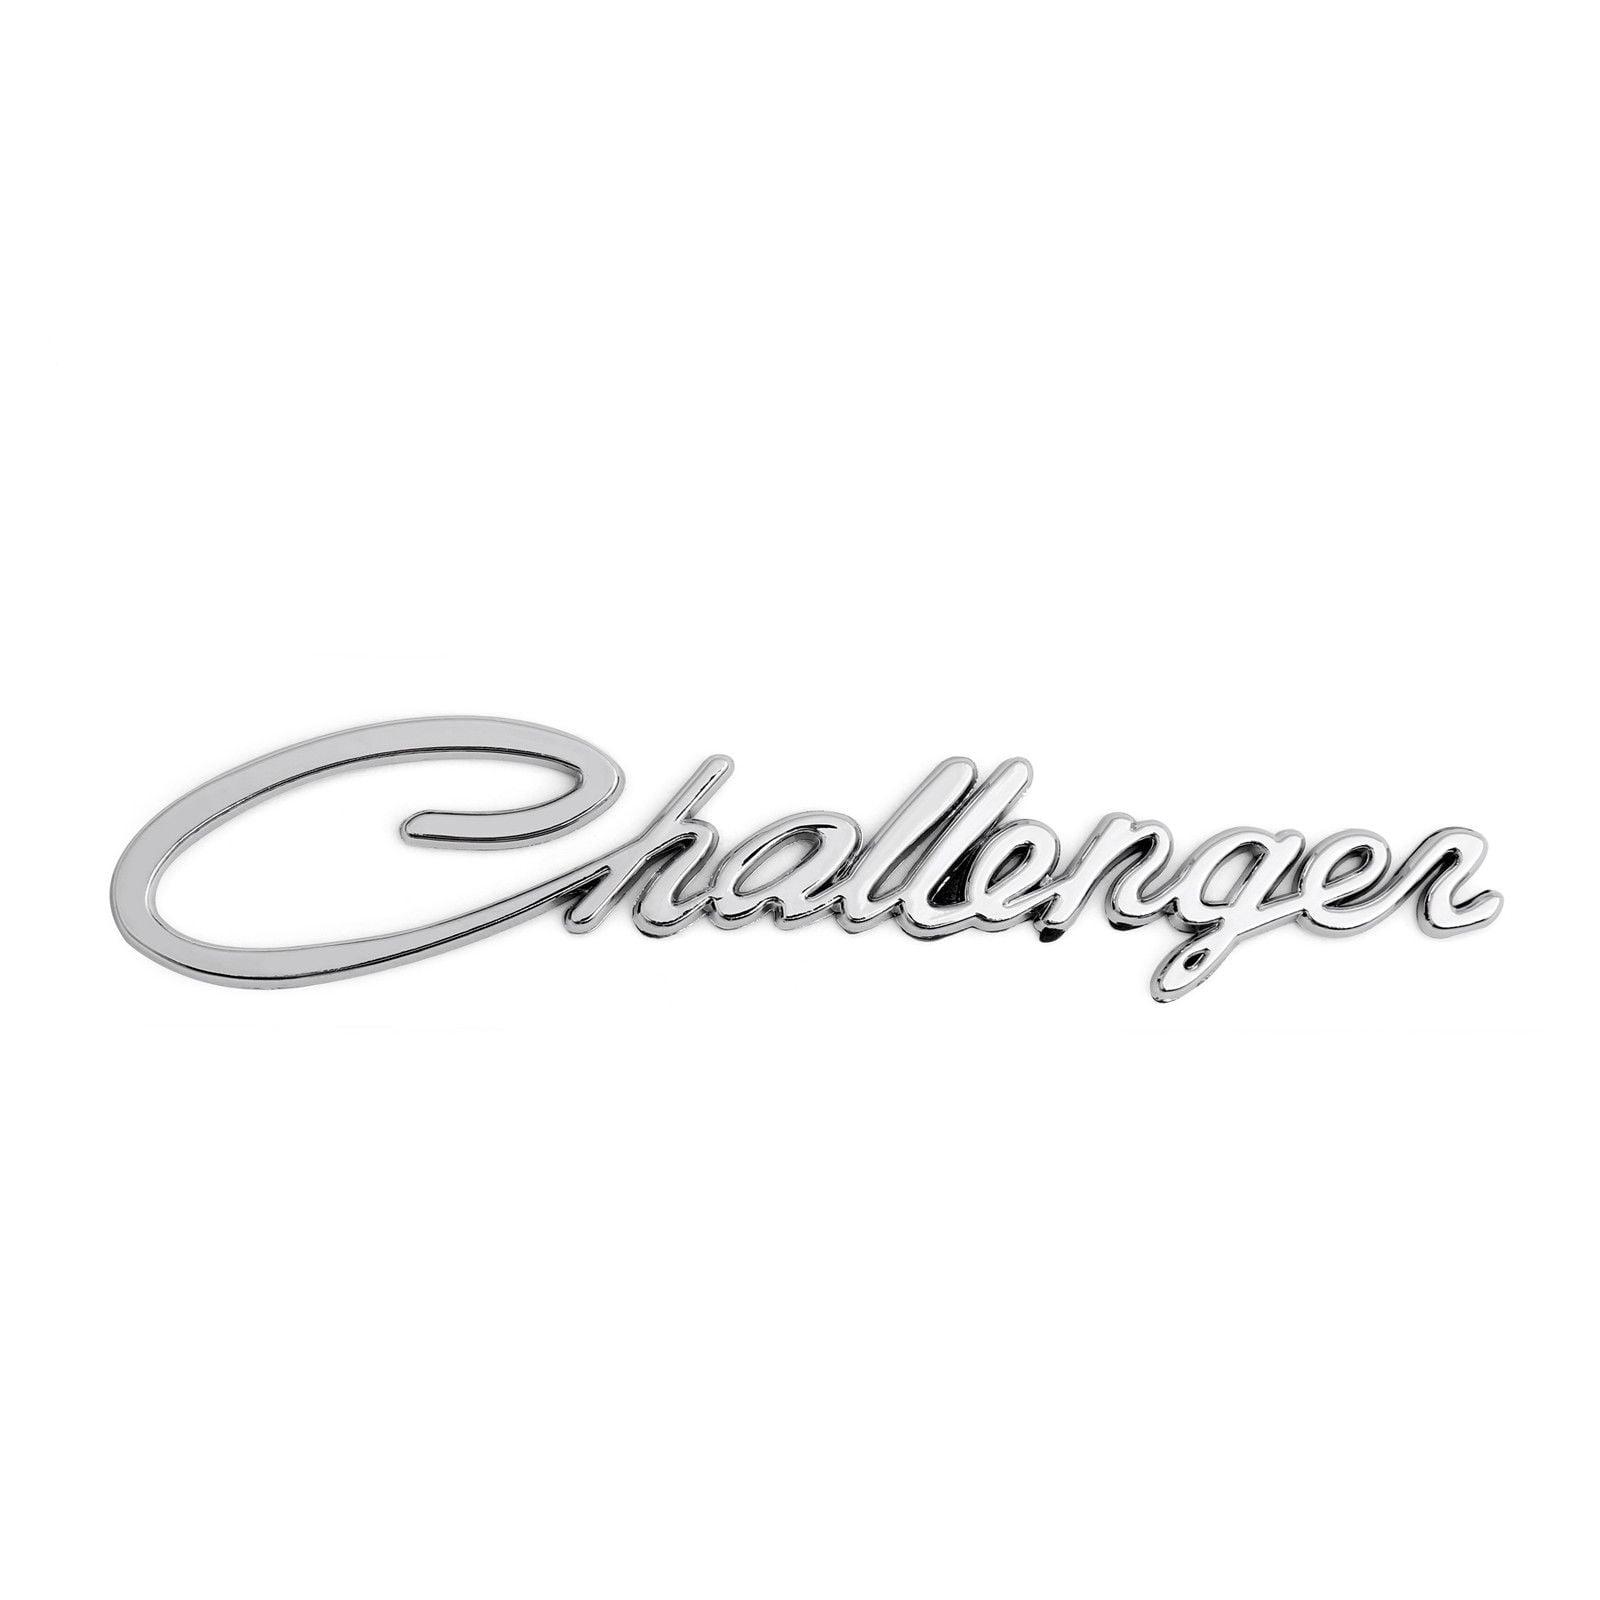 dodge challenger abs chrome challenger nameplate classic script emblem badge sticker walmart com walmart com dodge challenger abs chrome challenger nameplate classic script emblem badge sticker walmart com